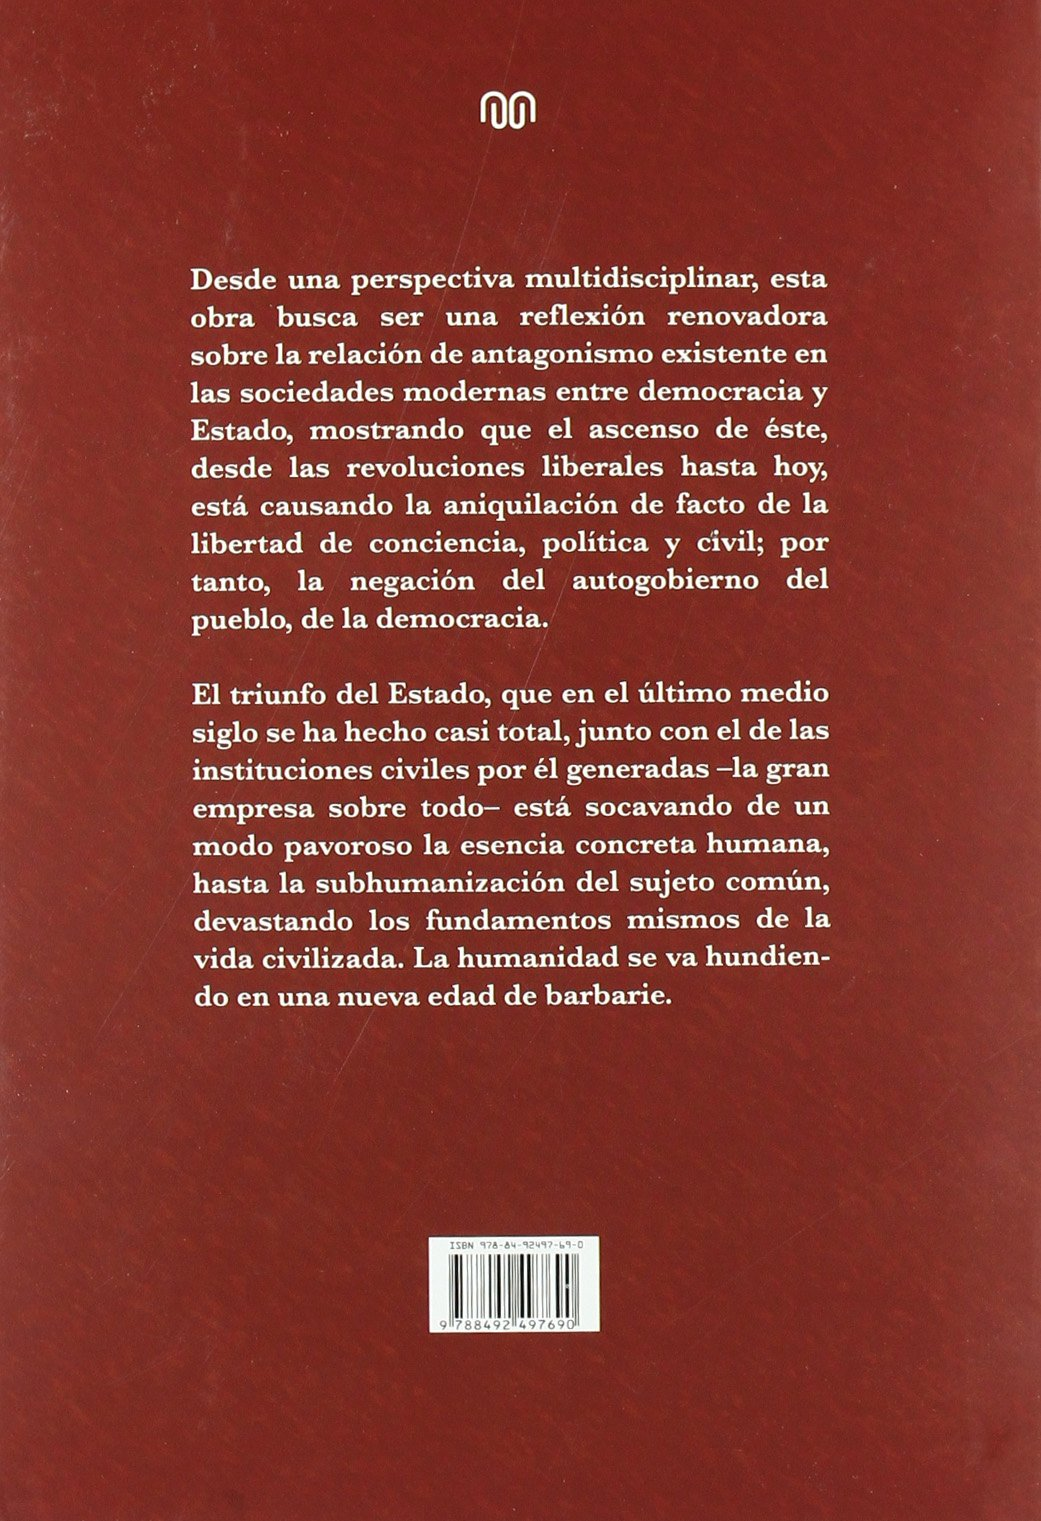 Democracia y el triunfo del estado, la: Amazon.es: Felix Rodrigo Mora: Libros